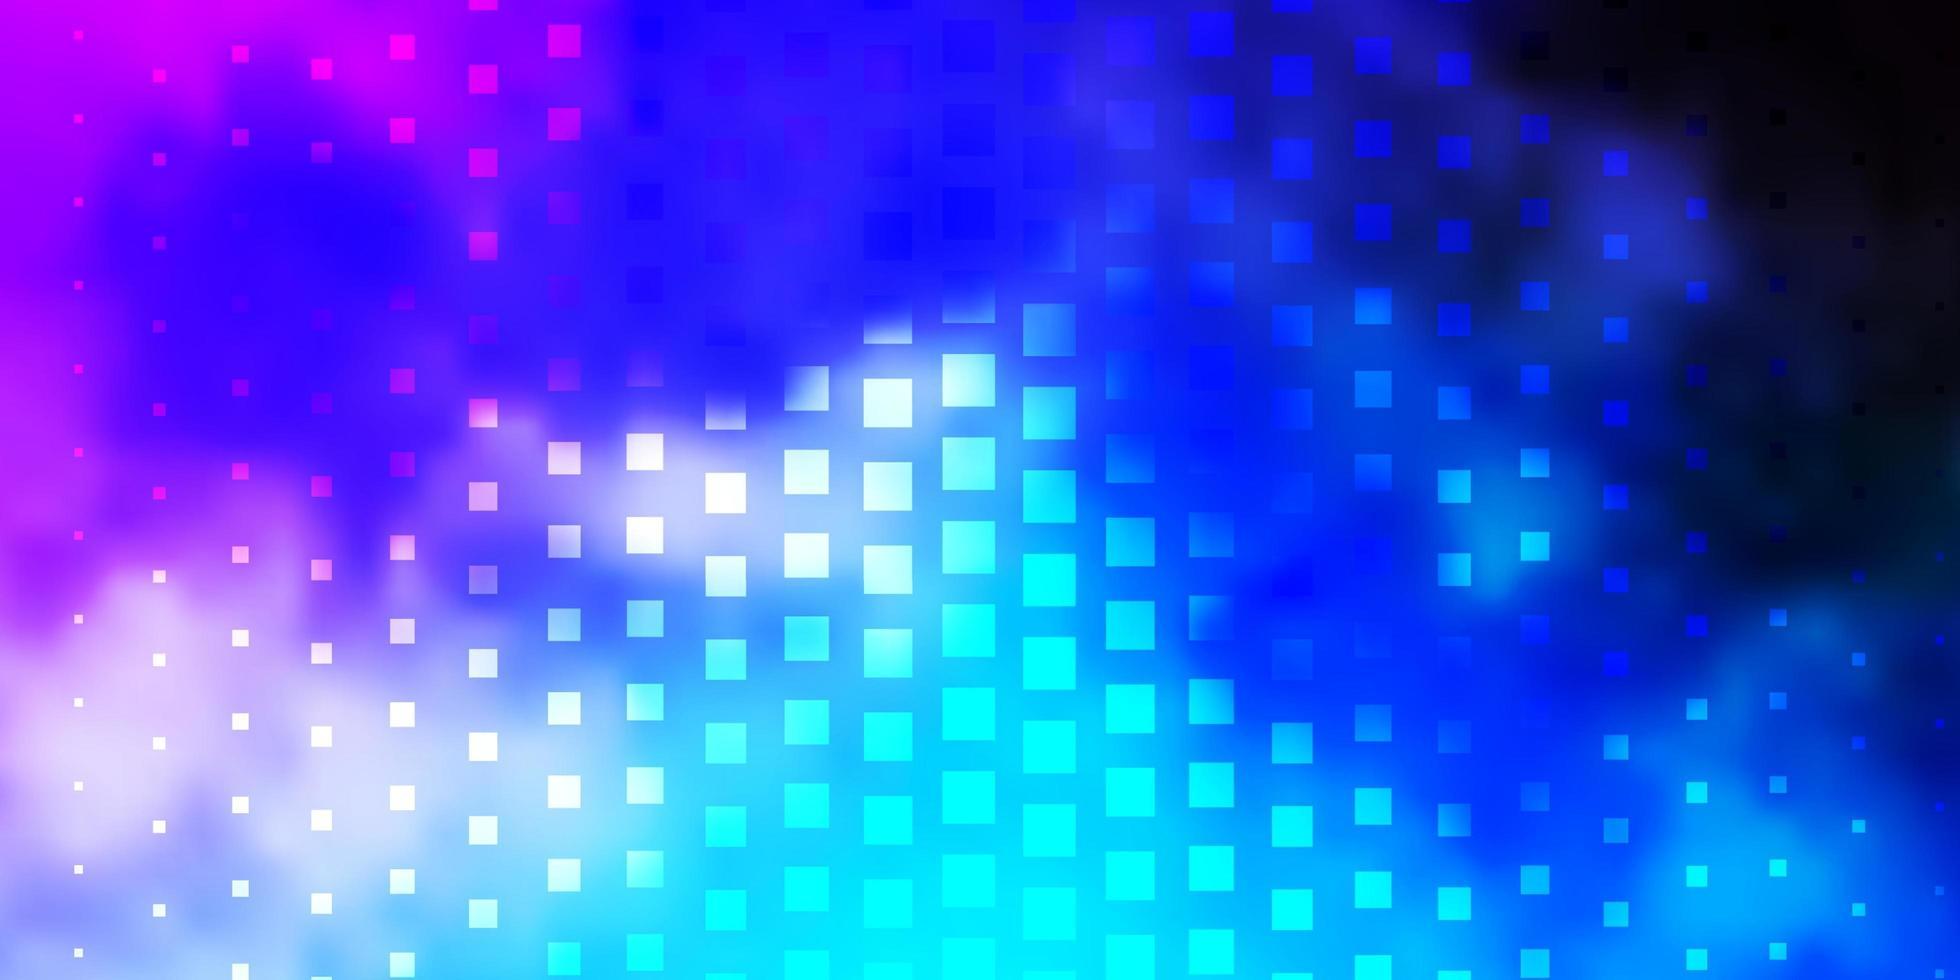 lichtroze, blauwe vectorachtergrond in veelhoekige stijl. vector